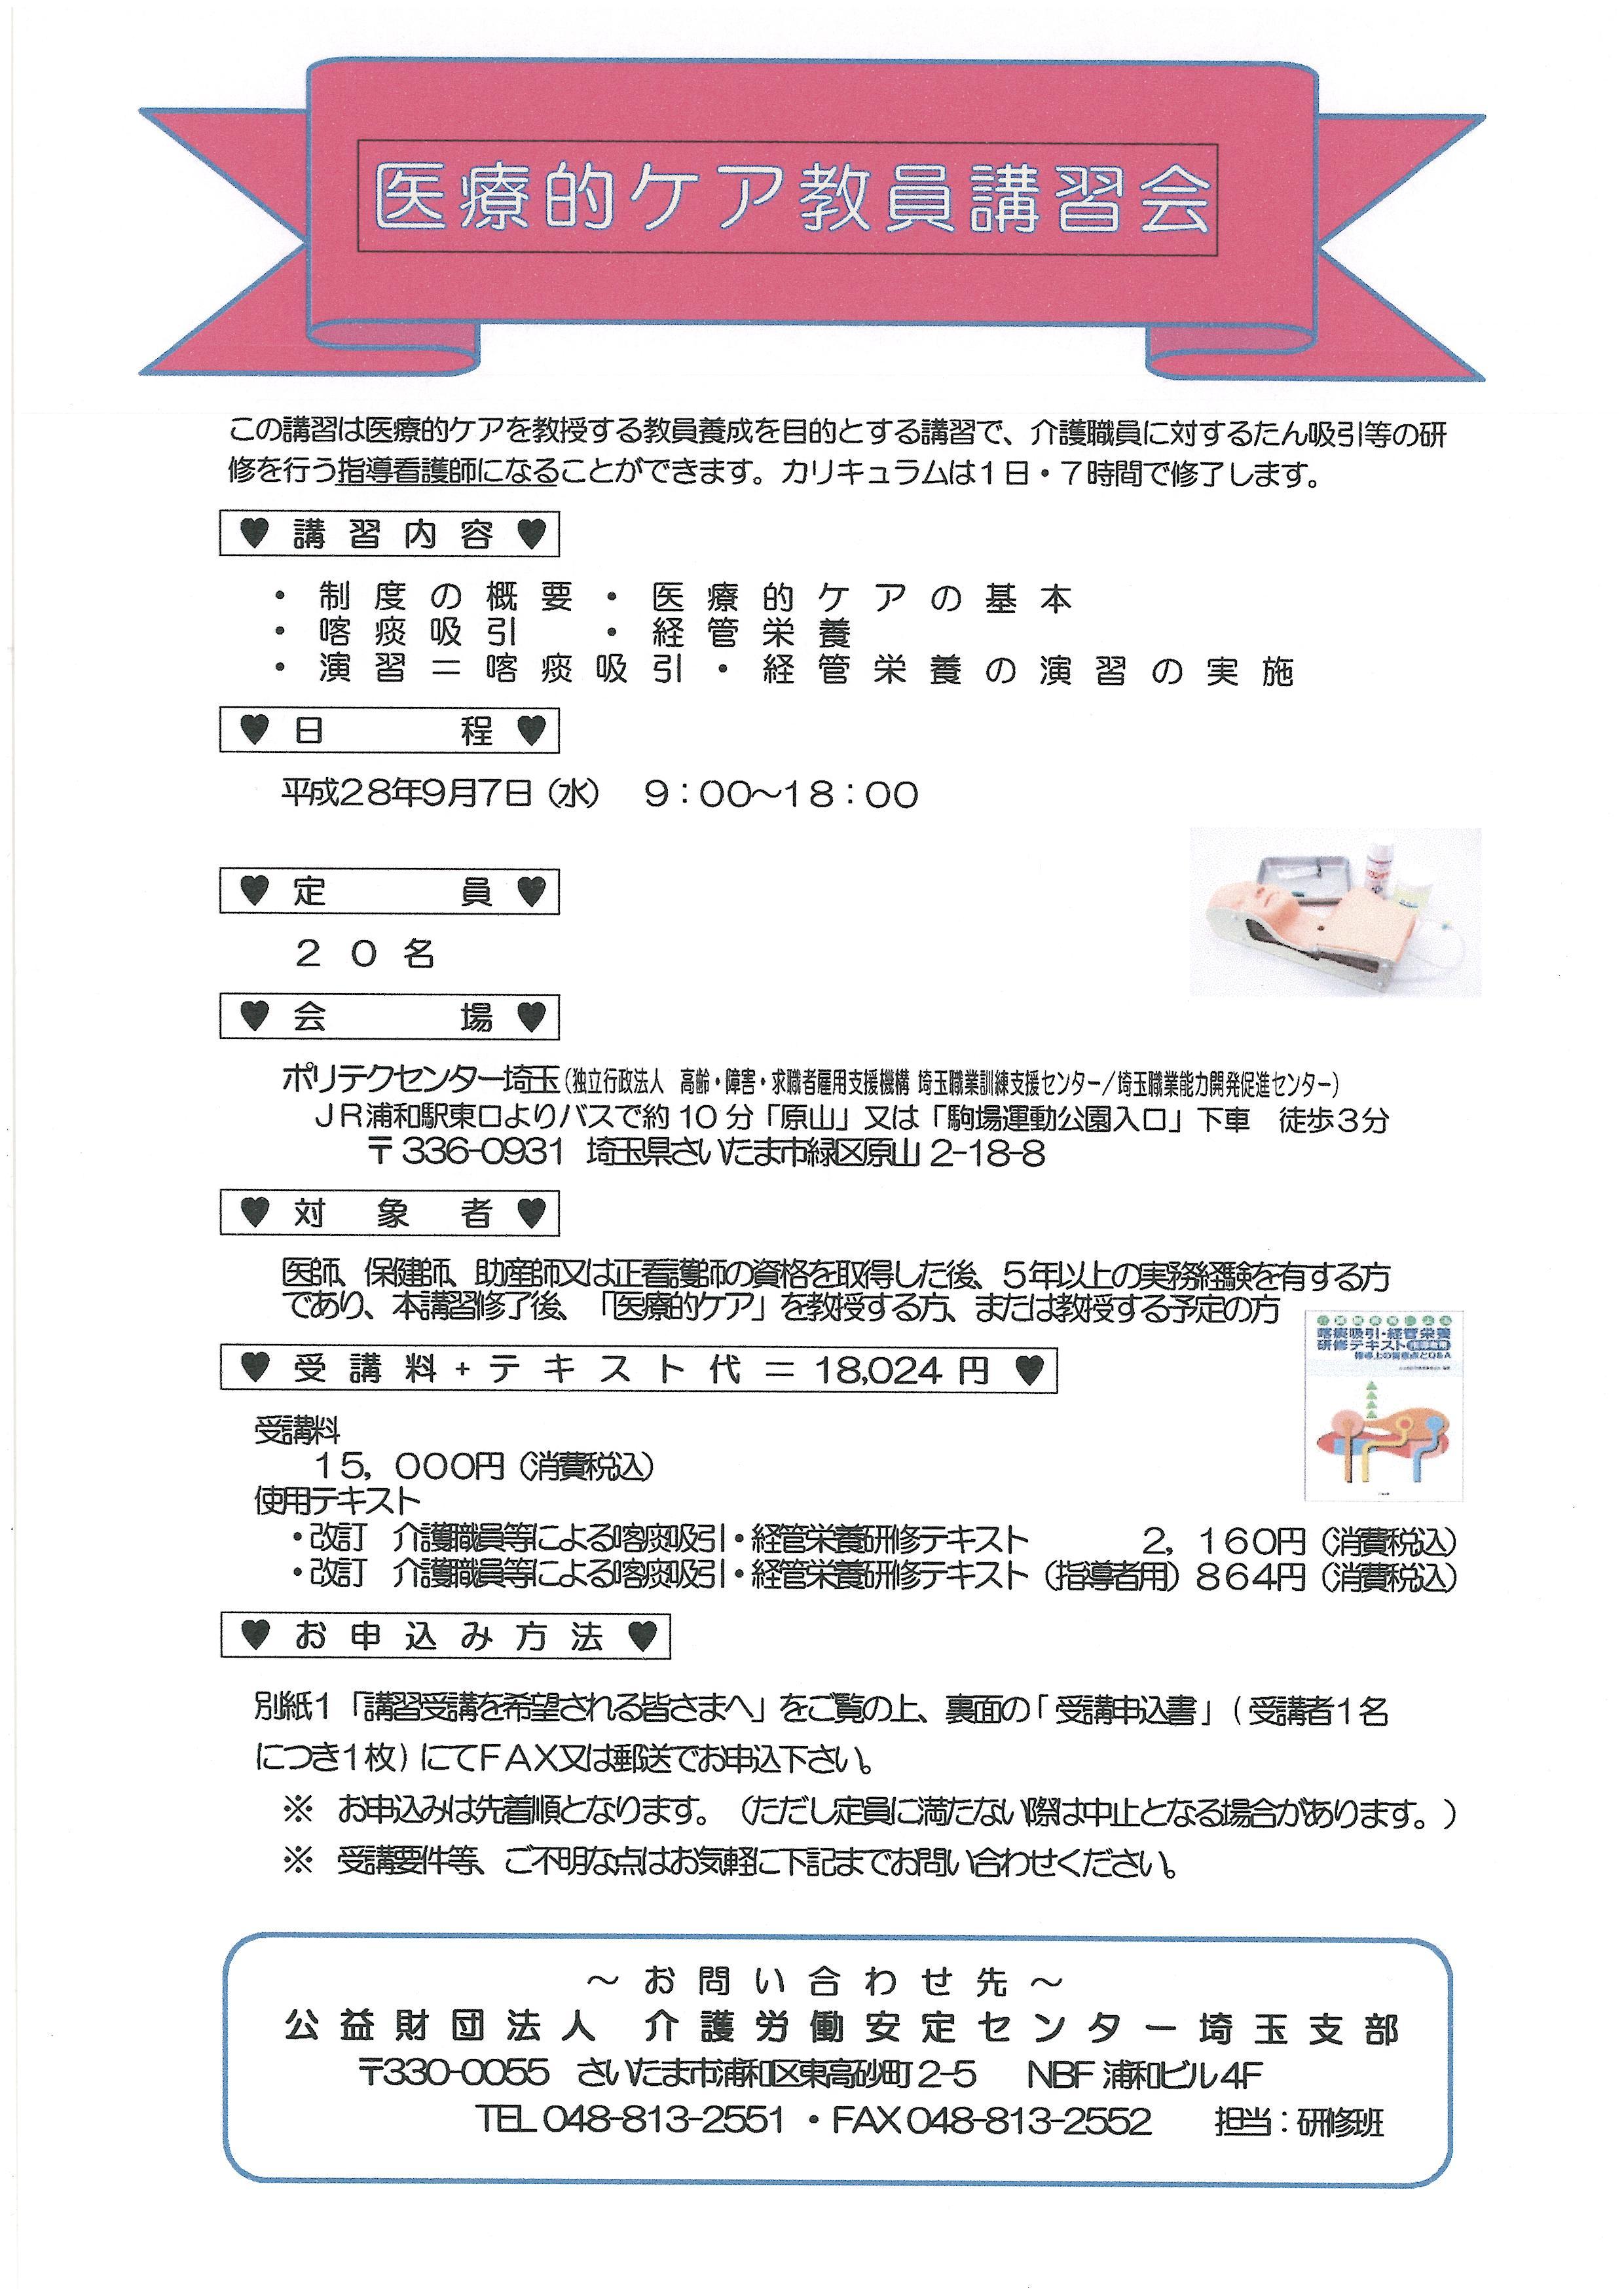 医療的ケア教員講習会.jpg